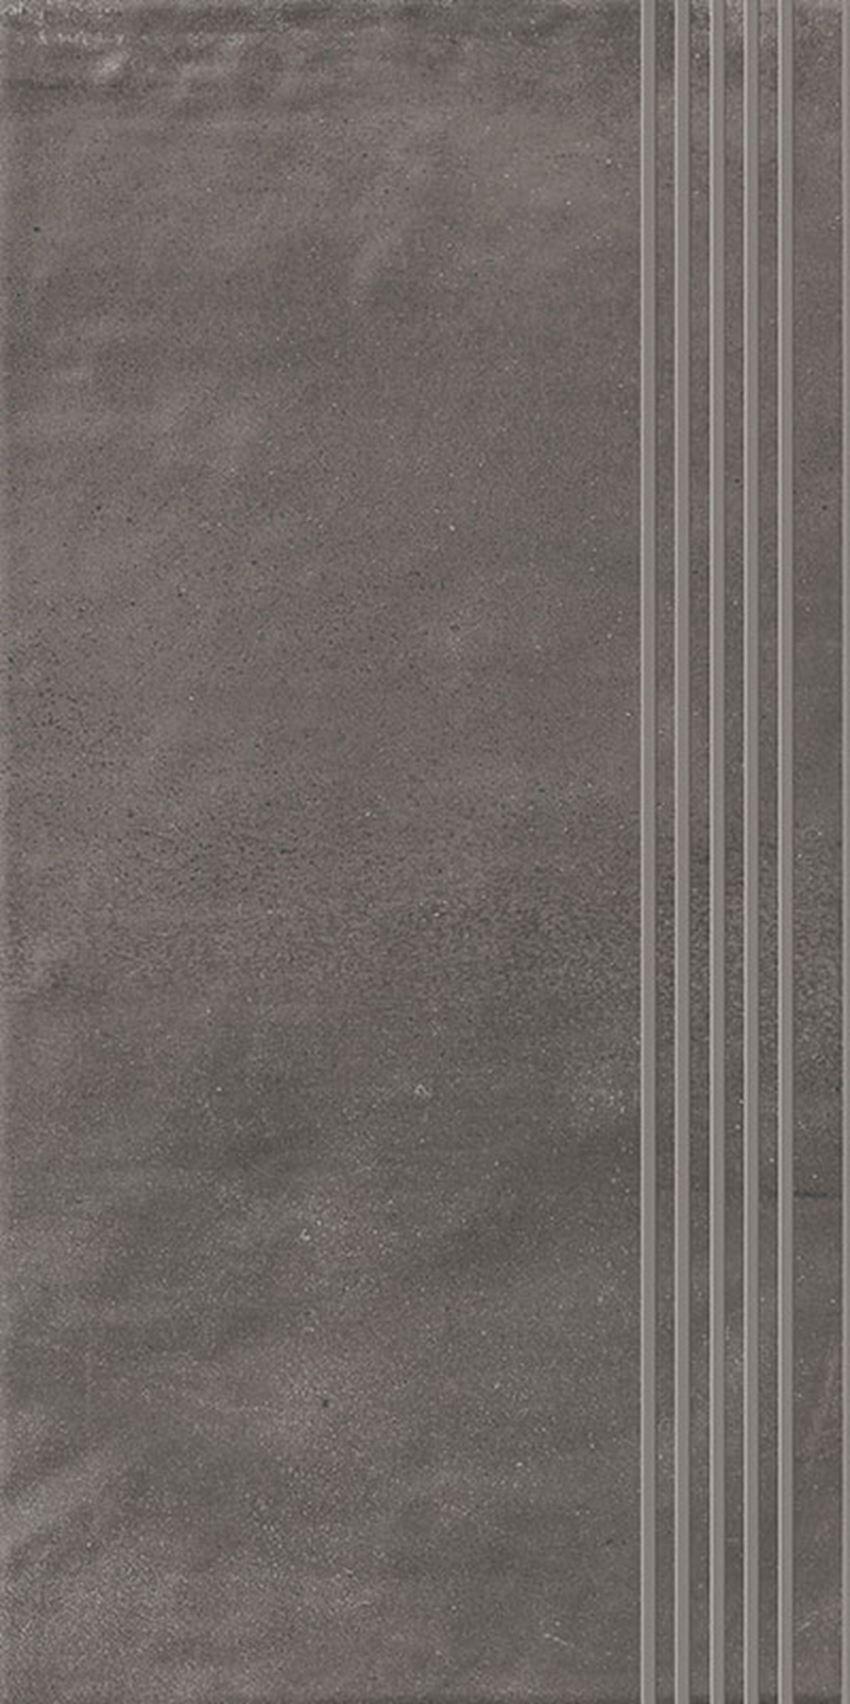 Płytka stopnicowa 29,8x59,8 cm Paradyż Hybrid Stone Grafit Stopnica Prosta Nacinana